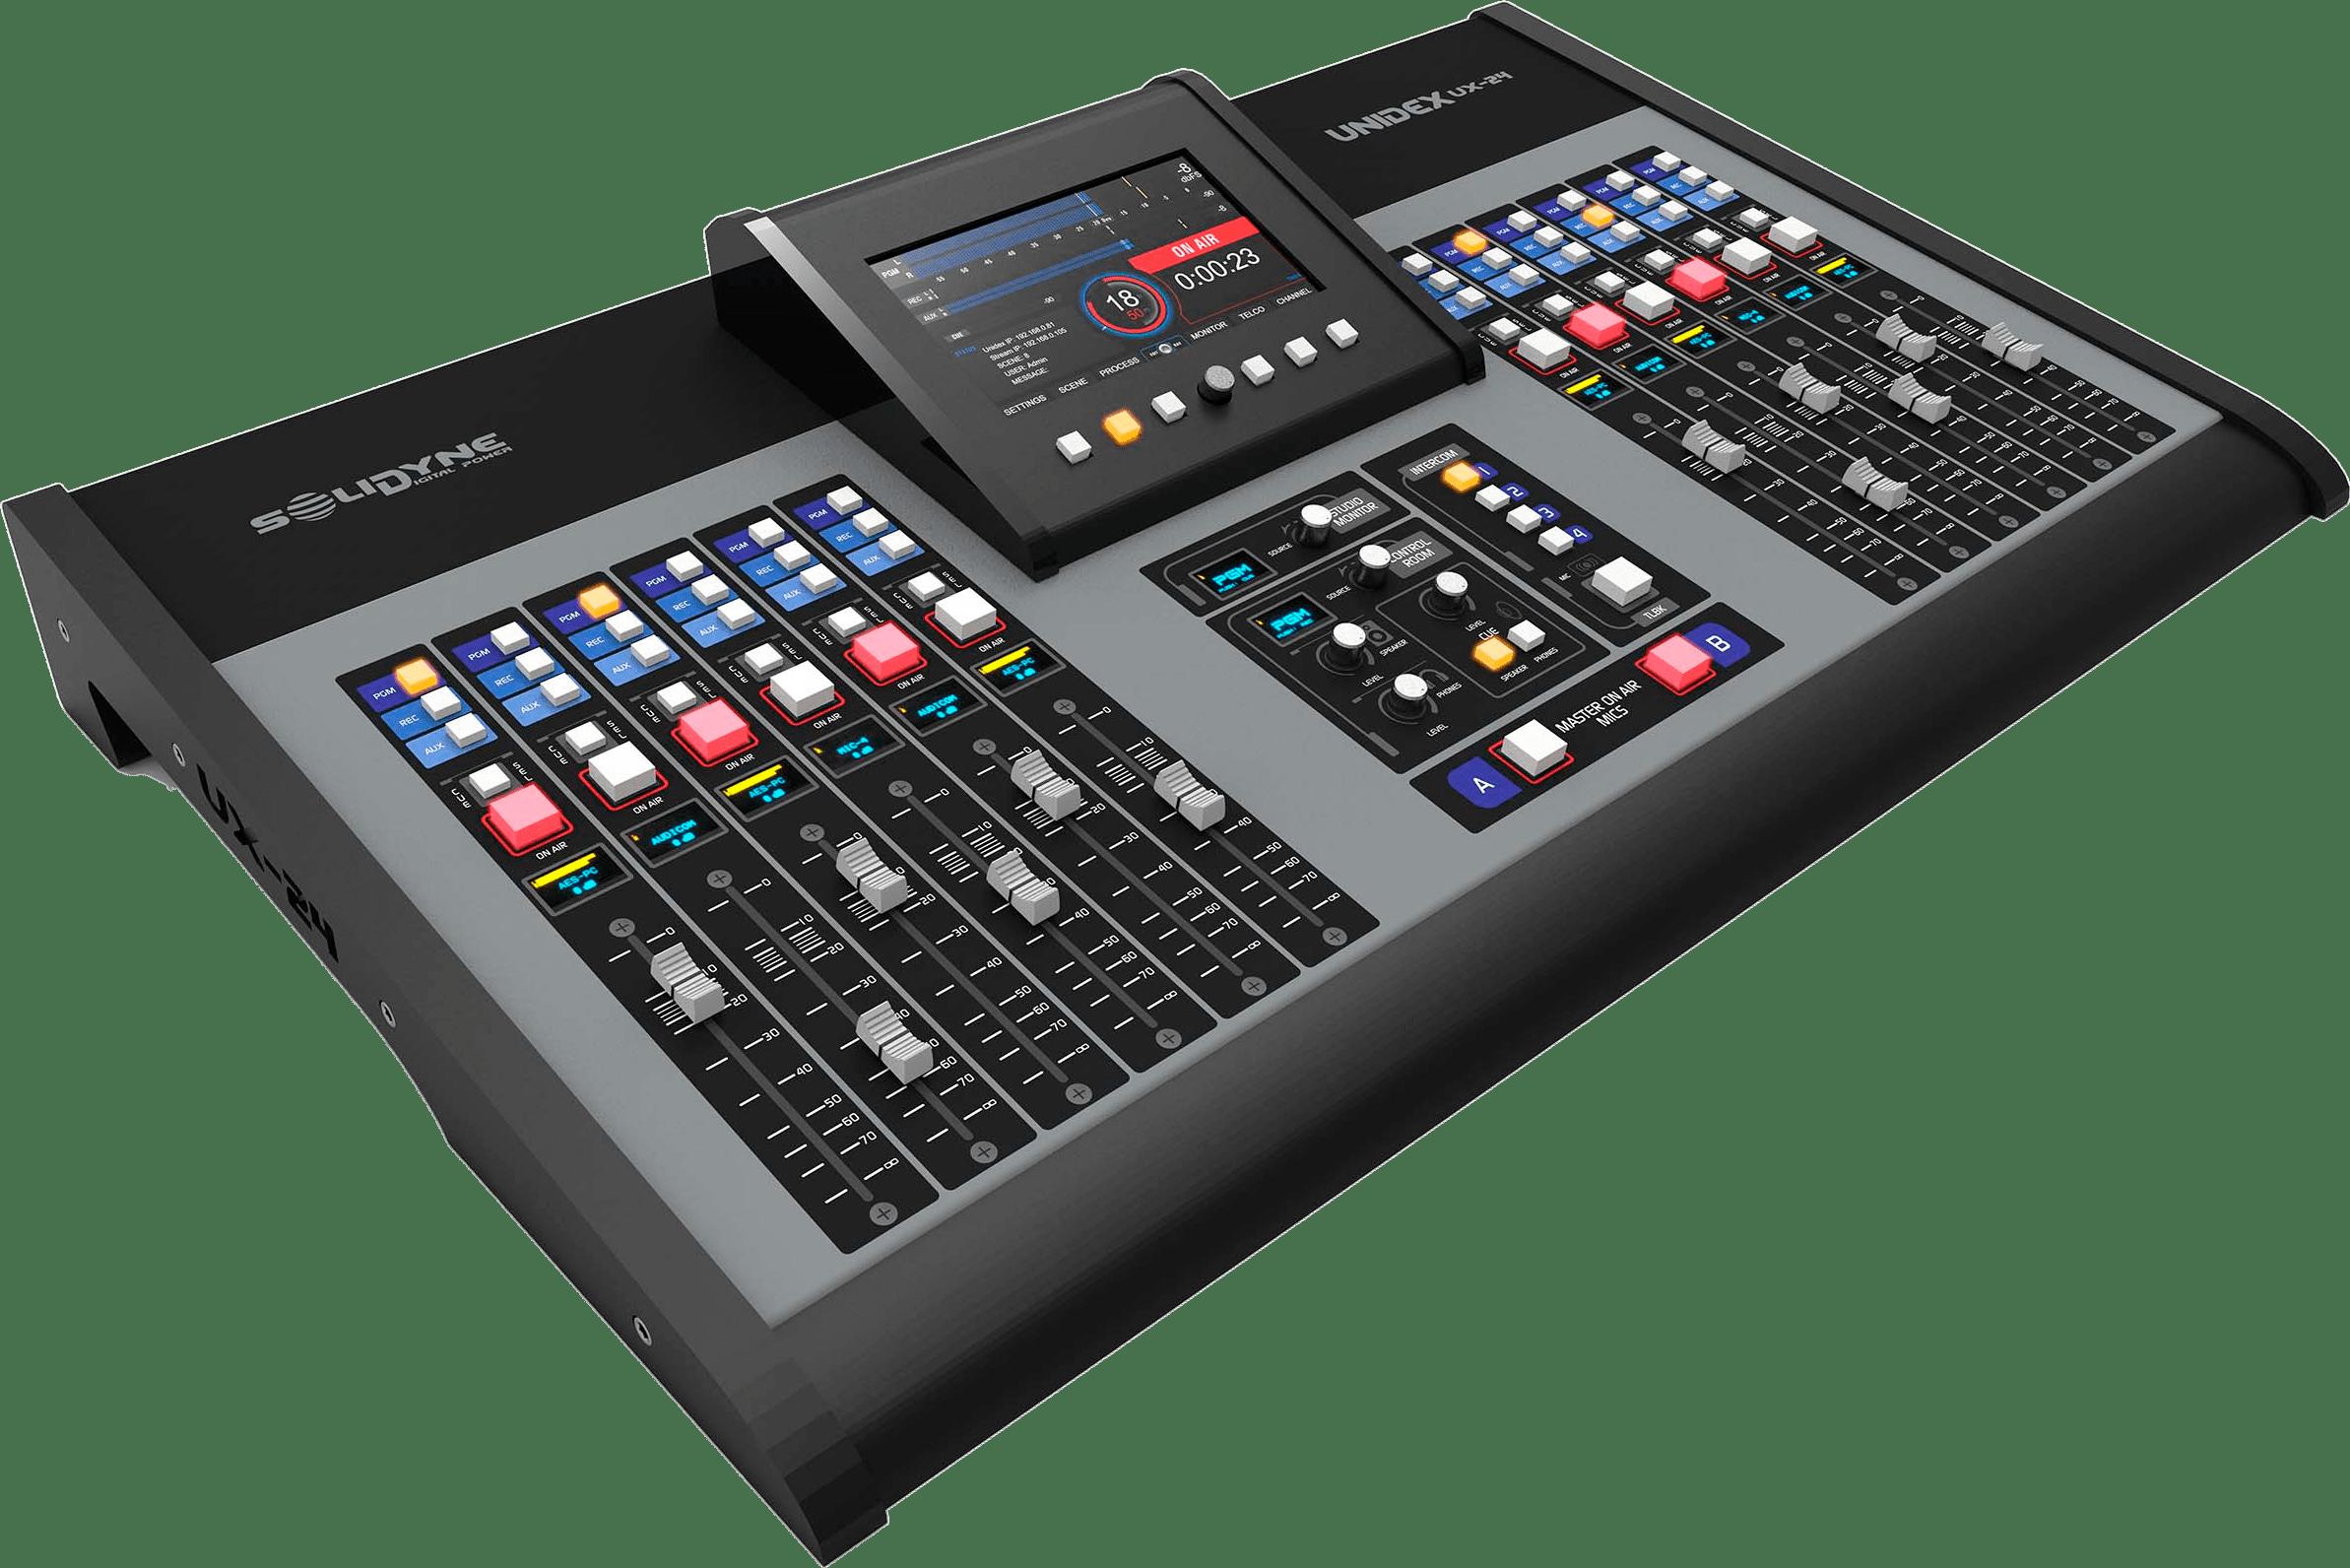 Mixer-Consola-Audio-Digital-Unidex-UX24-Solidyne-Streaming-Televisión-Radio-Emisoras-FM-AM-Internet-Virtual-Online-Buena-Imagen-Bogotá-Colombia